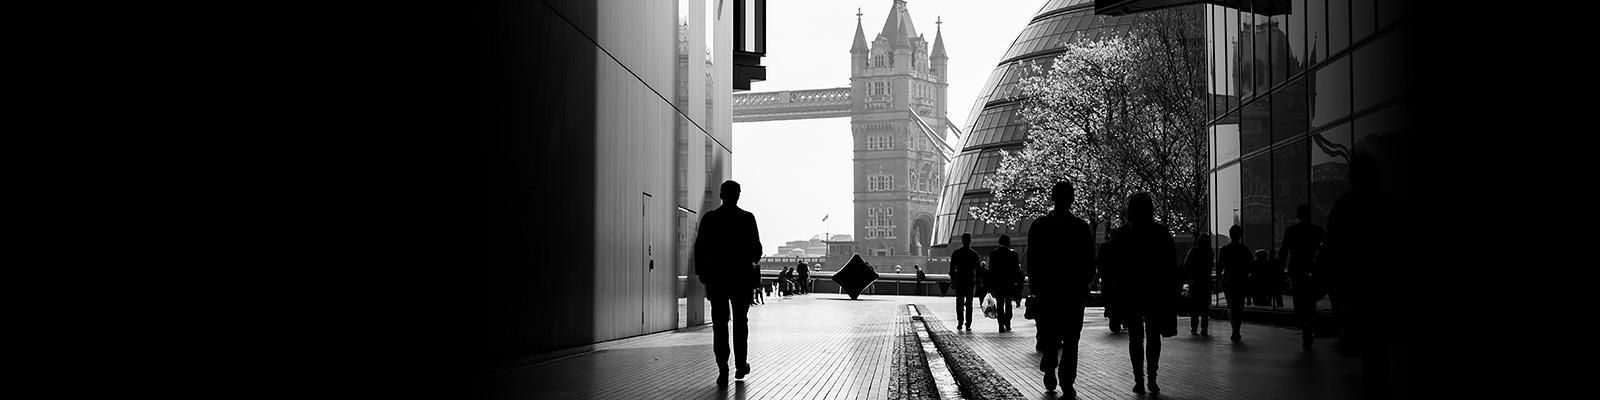 ロンドン ビジネス 人々 イメージ